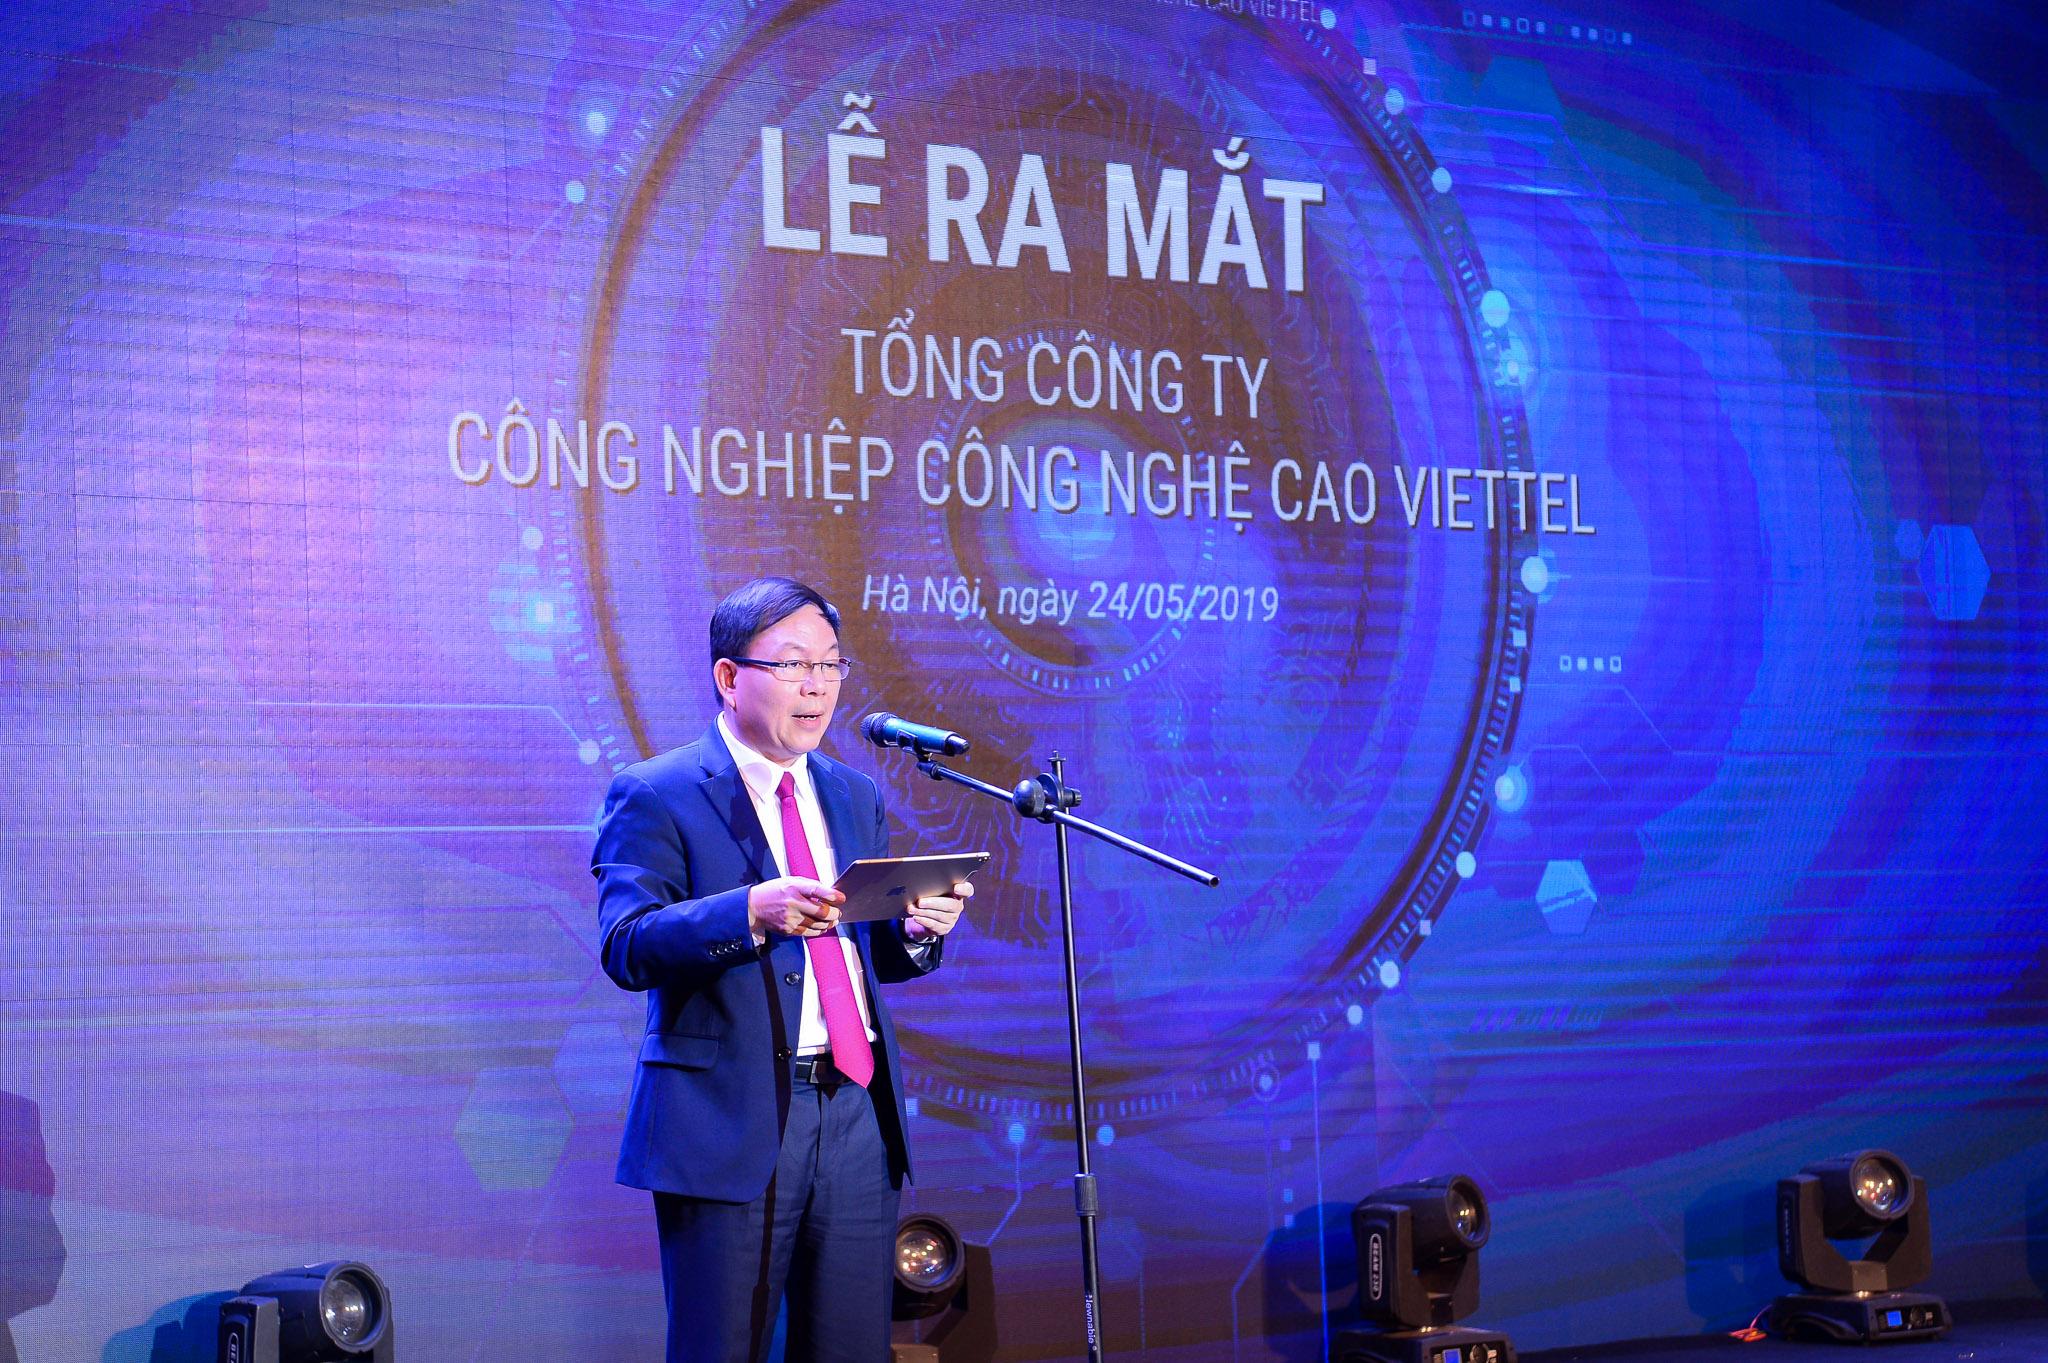 Ra mắt Tổng Công ty Công nghiệp Công nghệ cao Viettel